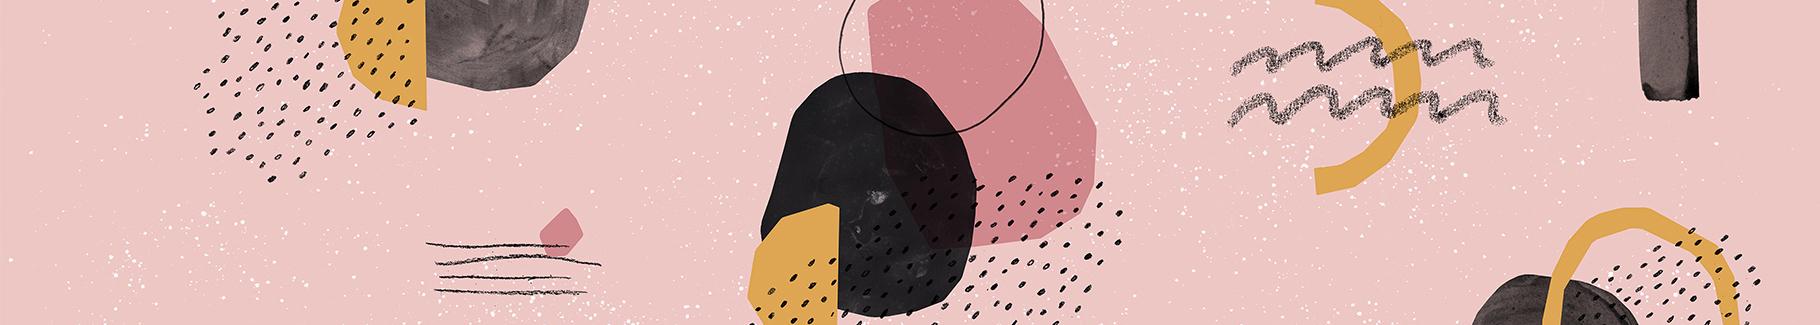 Fototapeta abstrakcyjna kompozycja na różowym tle